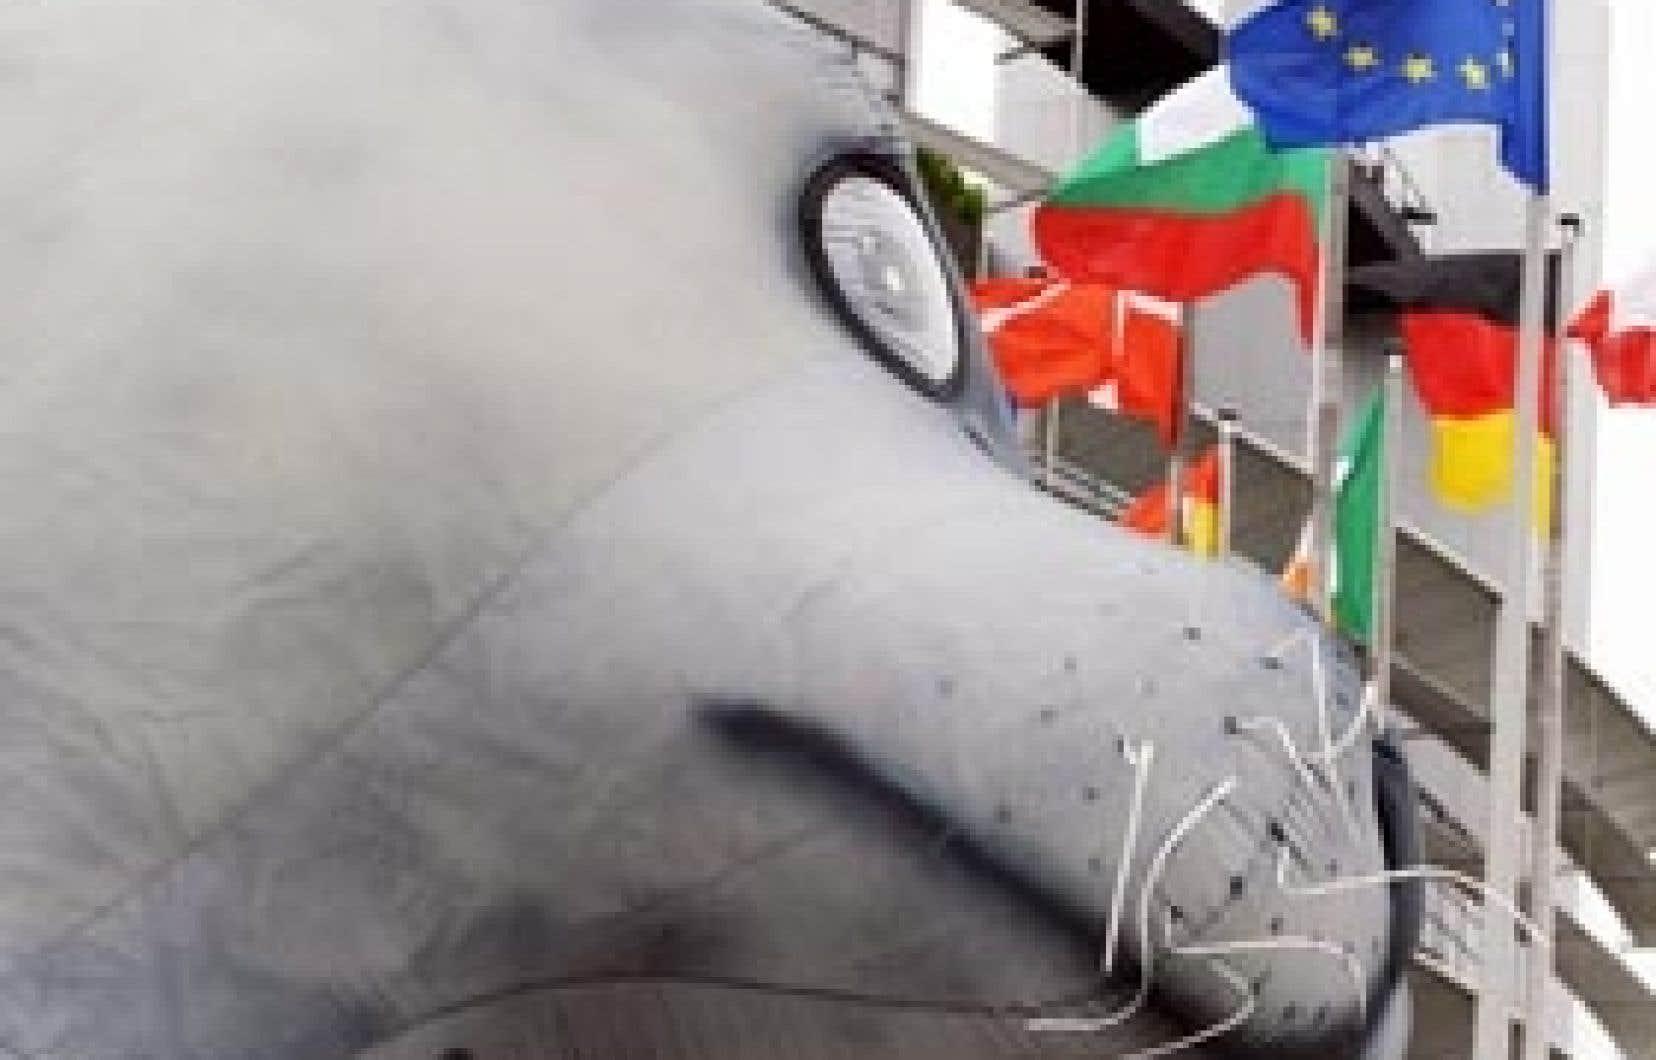 Le Fonds international pour la protection des animaux avait installé hier un loup-marin géant devant l'édifice du Parlement européen, à Strasbourg, où les députés ont approuvé par une écrasante majorité le boycottage des produits dérivés d